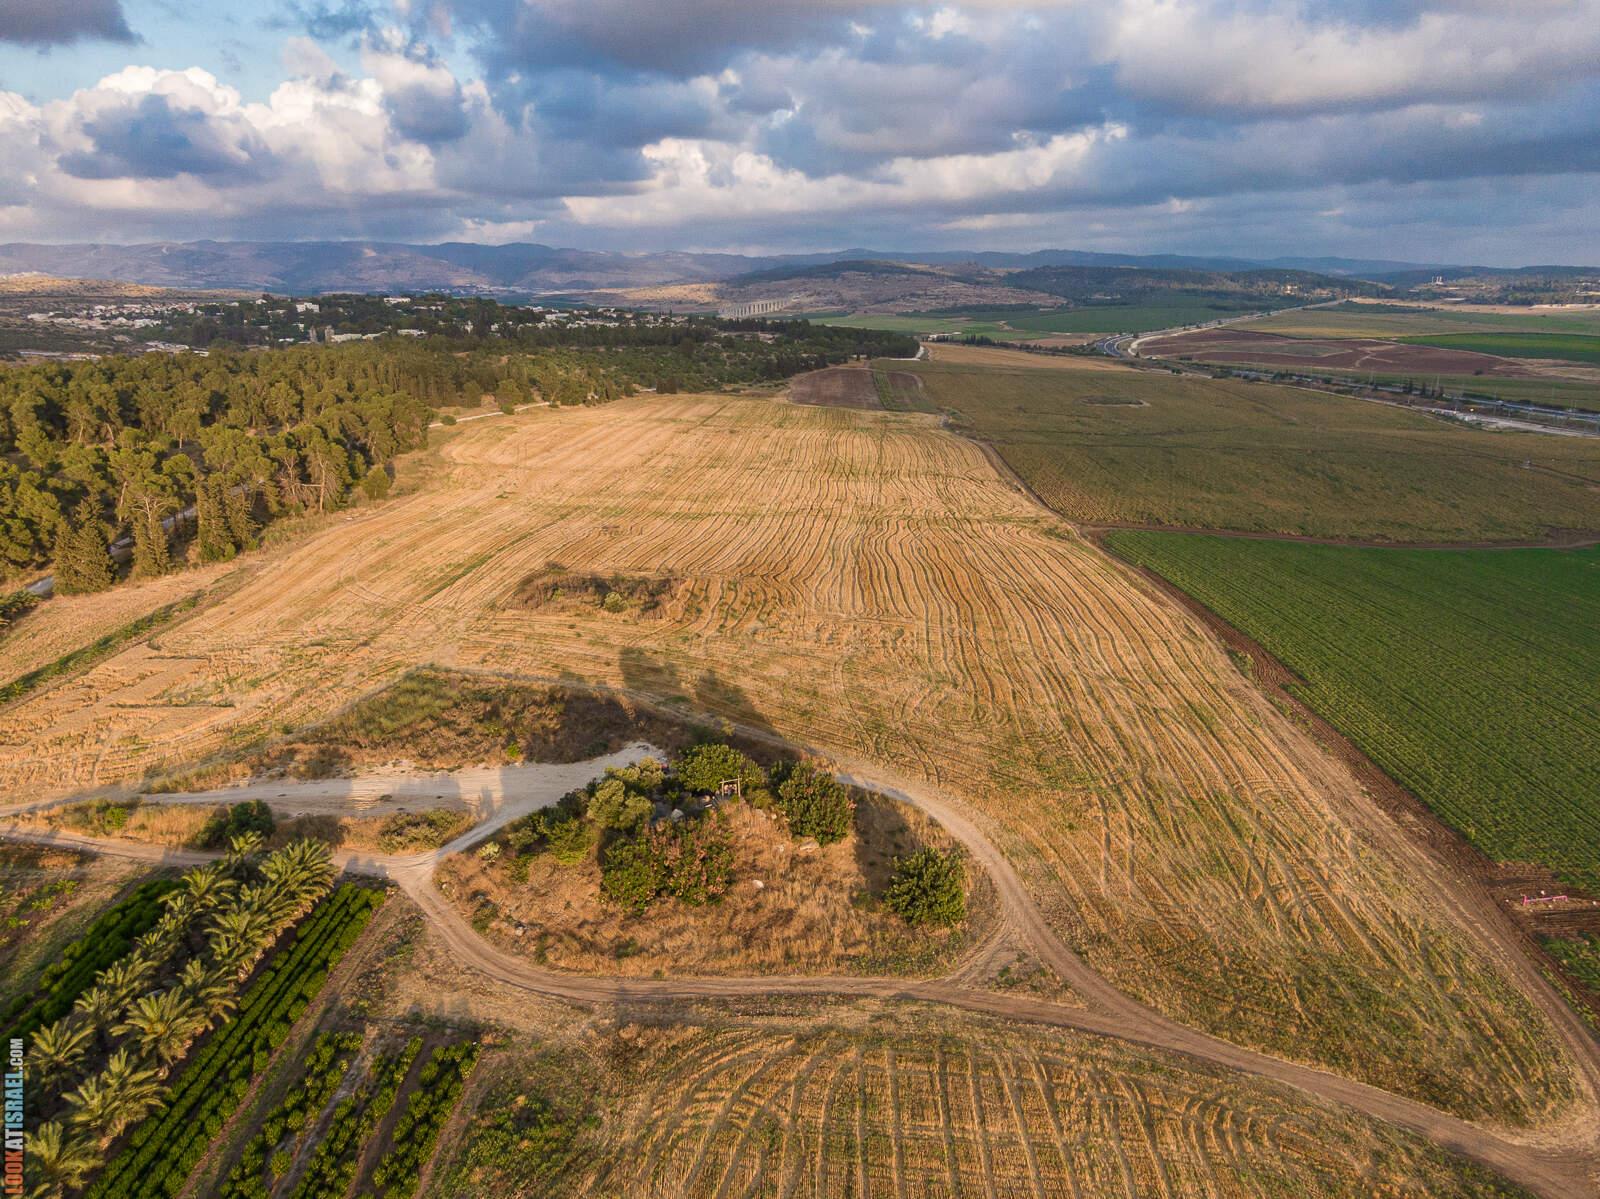 Красивое и романтичное место в долине Аялон, Моше Шая | אתר לזכר משה שעיה  |  LookAtIsrael.com - Фото путешествия по Израилю